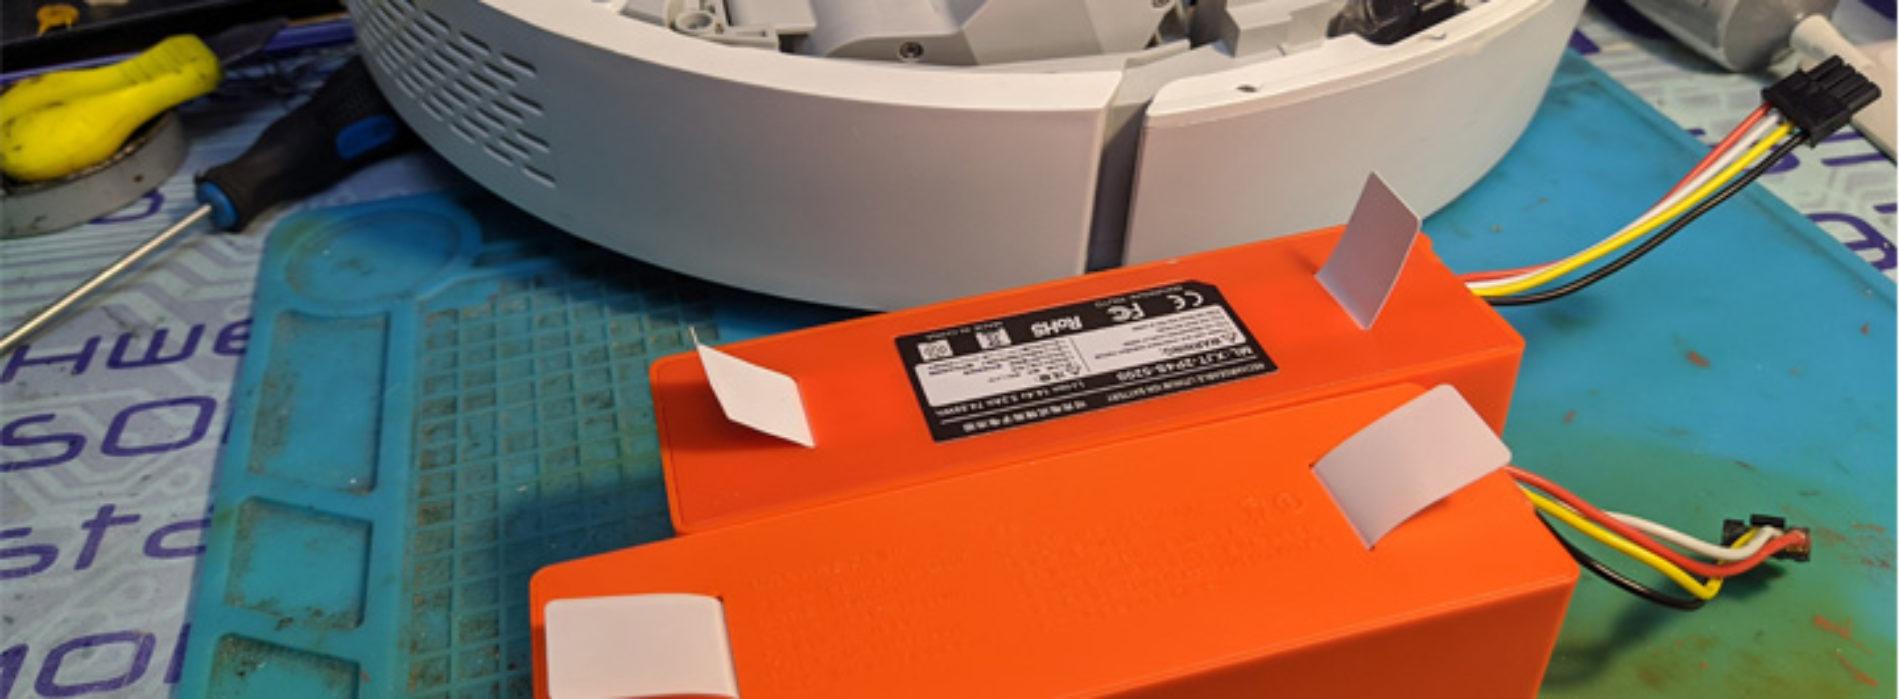 Ремонт Xiaomi Roborock: замена аккумулятора, обслуживание